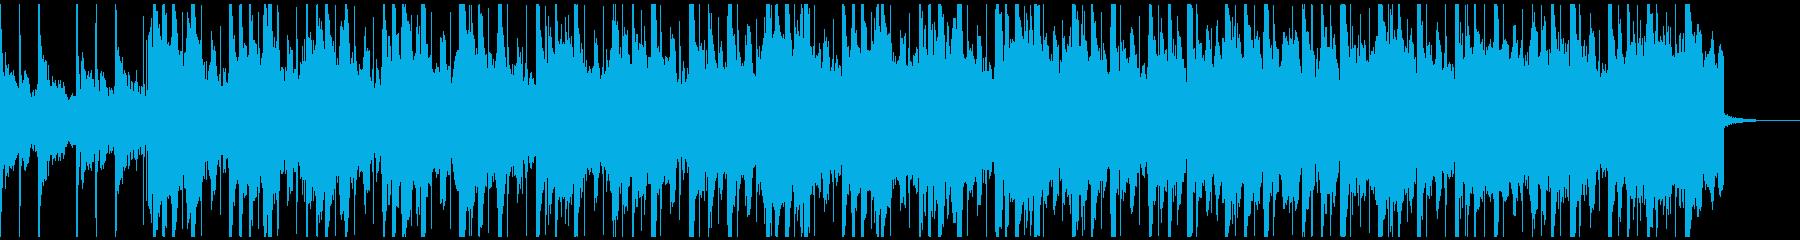 高級感、レトロモダンLo-Fi ラウンジの再生済みの波形